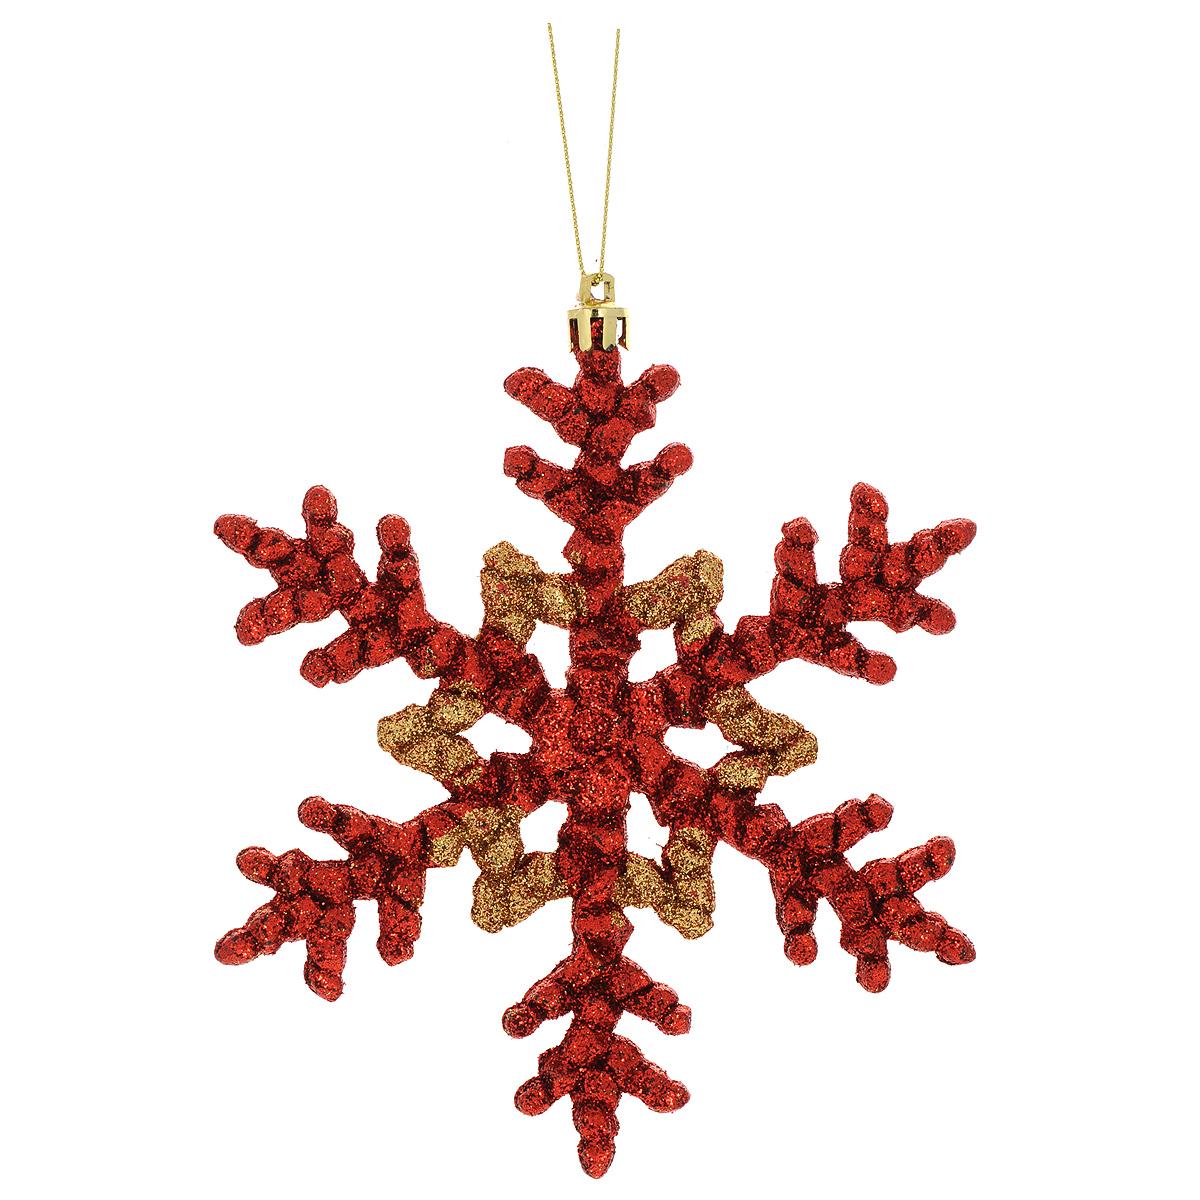 Новогоднее подвесное украшение Феникс-Презент Снежинка, цвет: красный, золотистый1069917Новогоднее украшение Феникс-Презент Снежинка, изготовленное из высококачественногопластика, прекрасно подойдет для праздничного декора дома иновогодней ели. С помощьюспециальной текстильной петельки его можно повесить в любомпонравившемся вам месте.Елочная игрушка - символ Нового года. Она несет в себе волшебство и красоту праздника.Создайте в своем доме атмосферу веселья и радости, украшая новогоднюю елку наряднымиигрушками, которые будут из года в год накапливать теплоту воспоминаний.